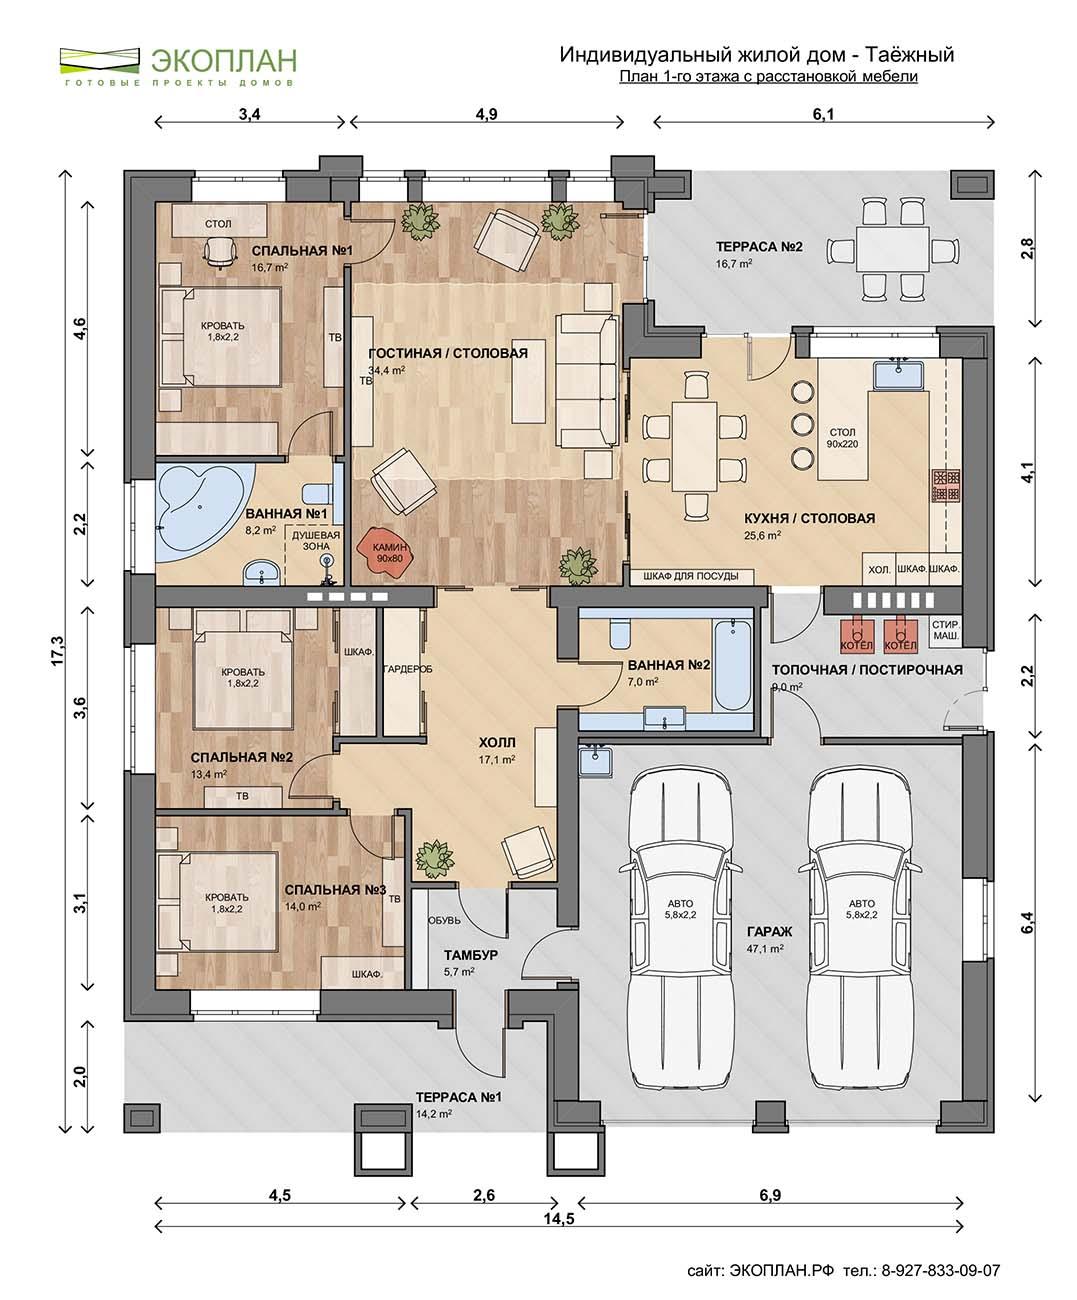 Готовый проект дома - Таёжный - Ульяновск план